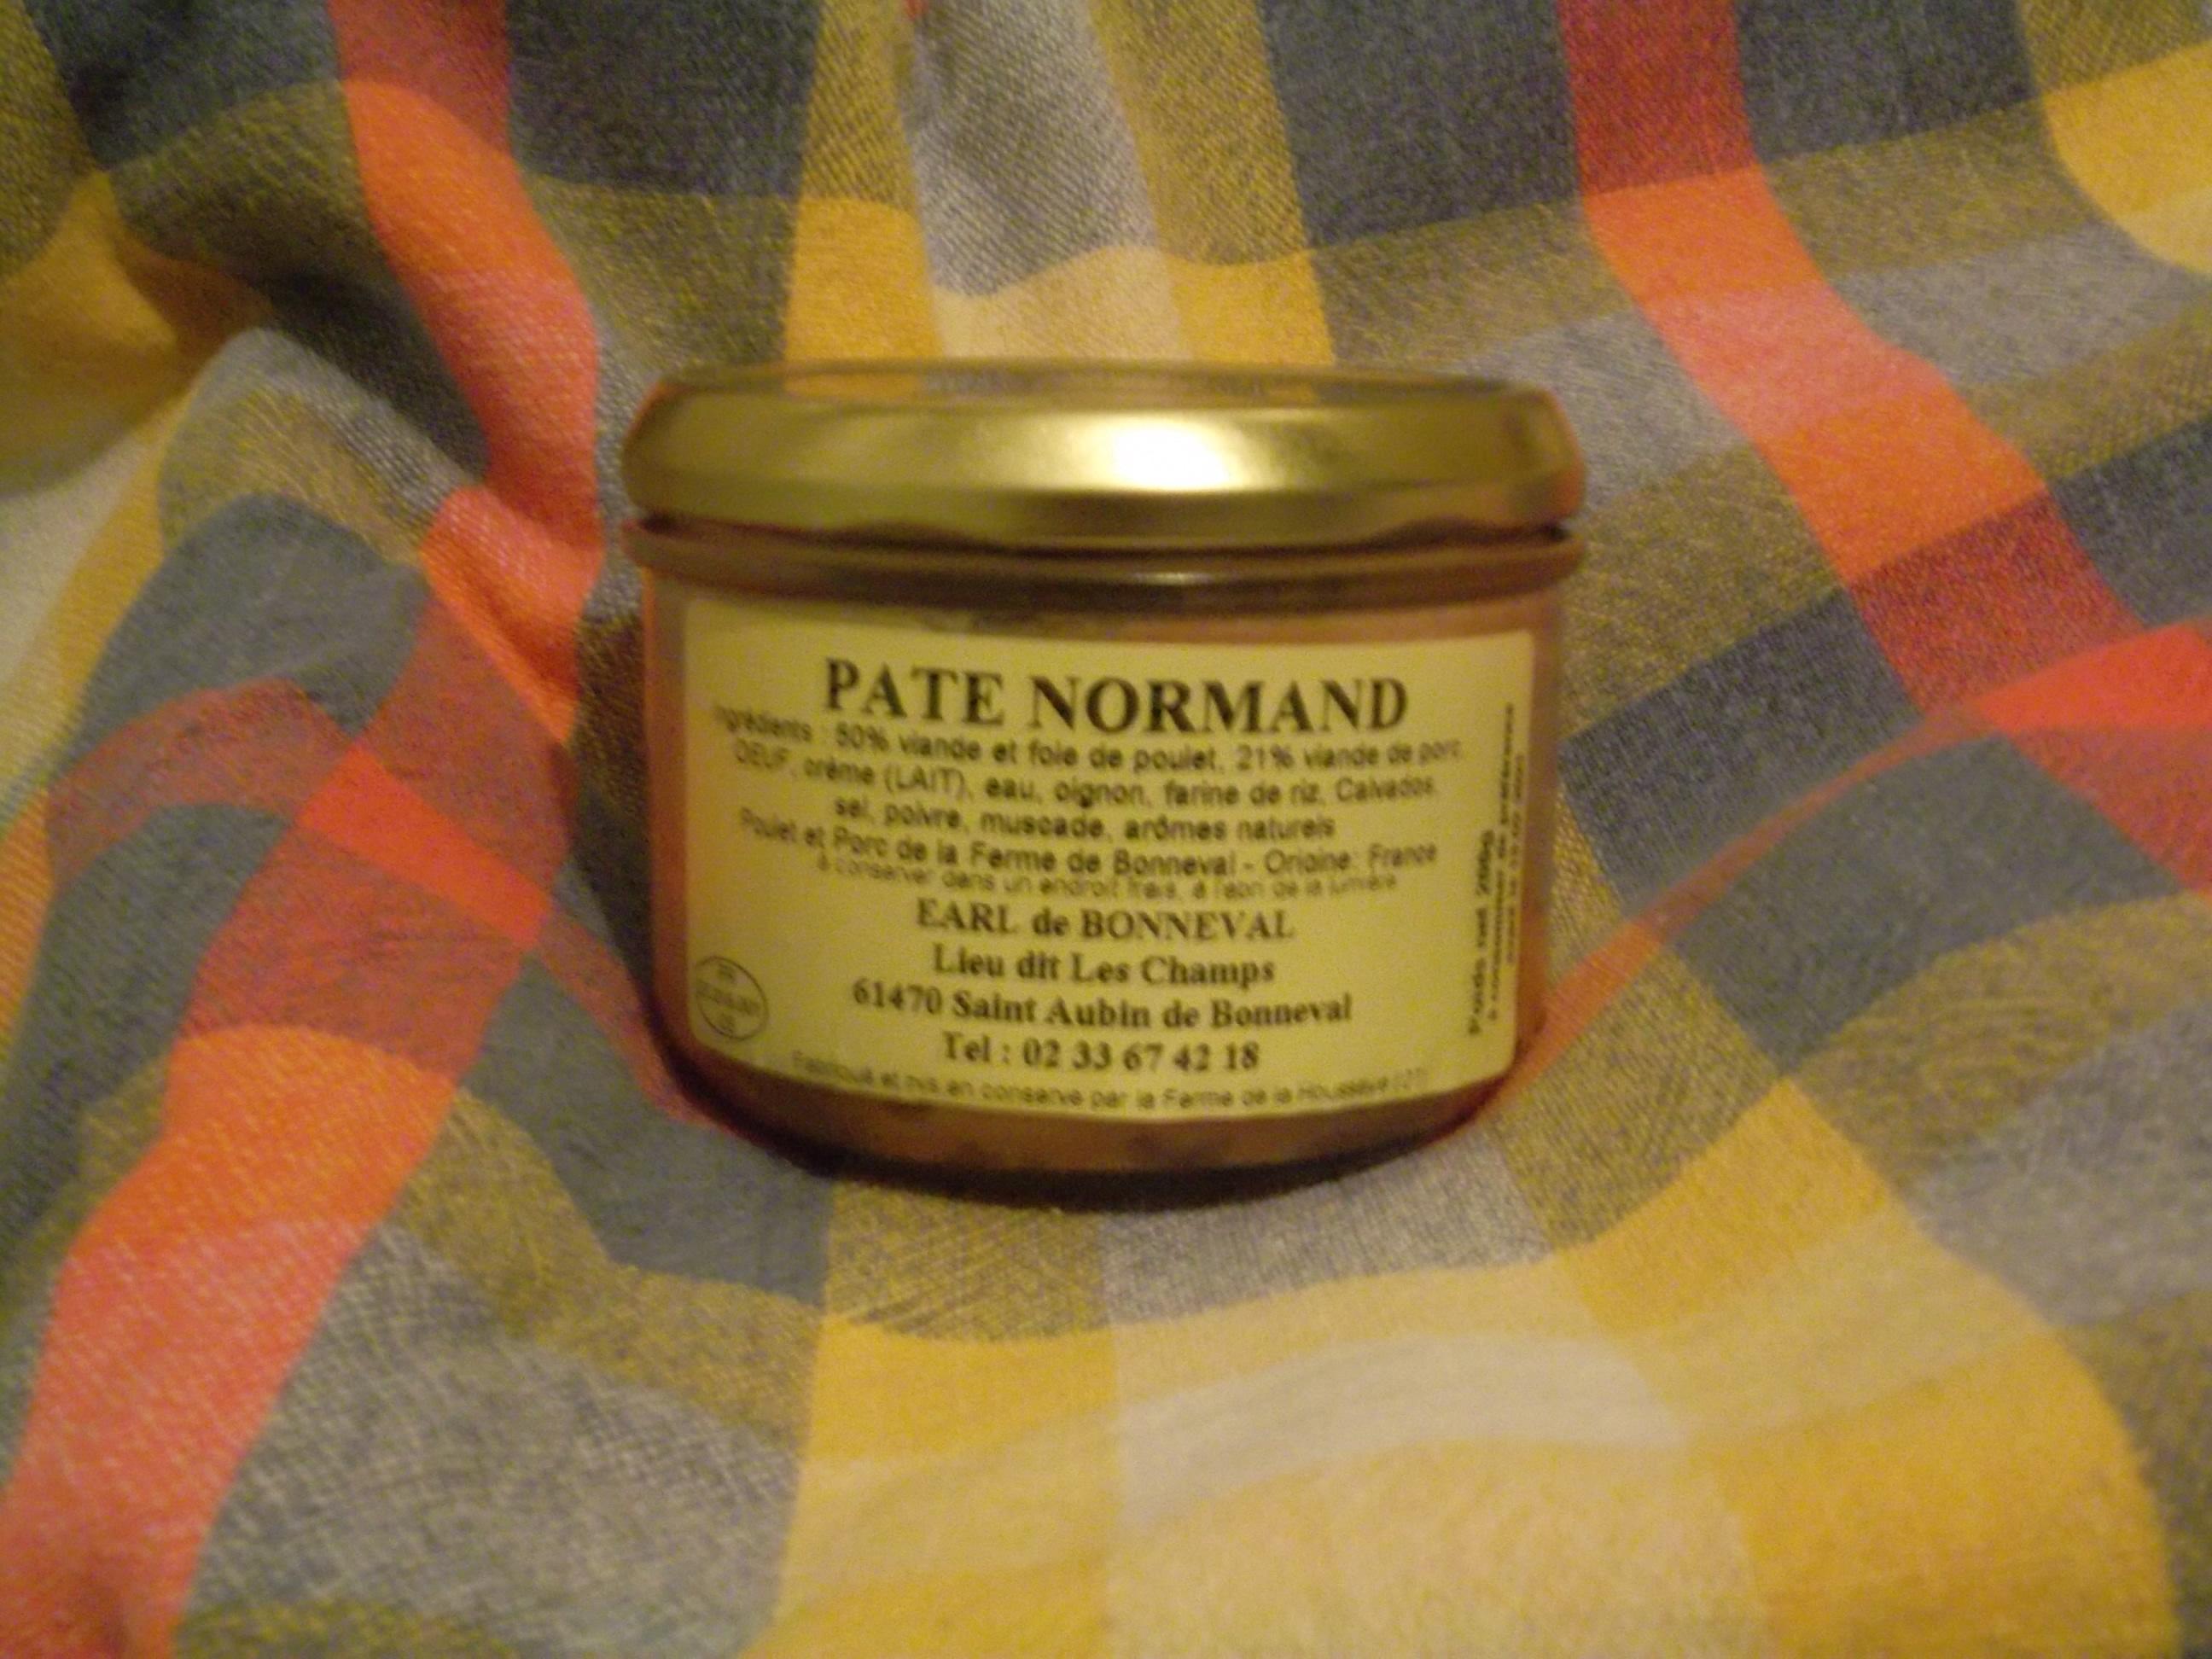 Pâté normand